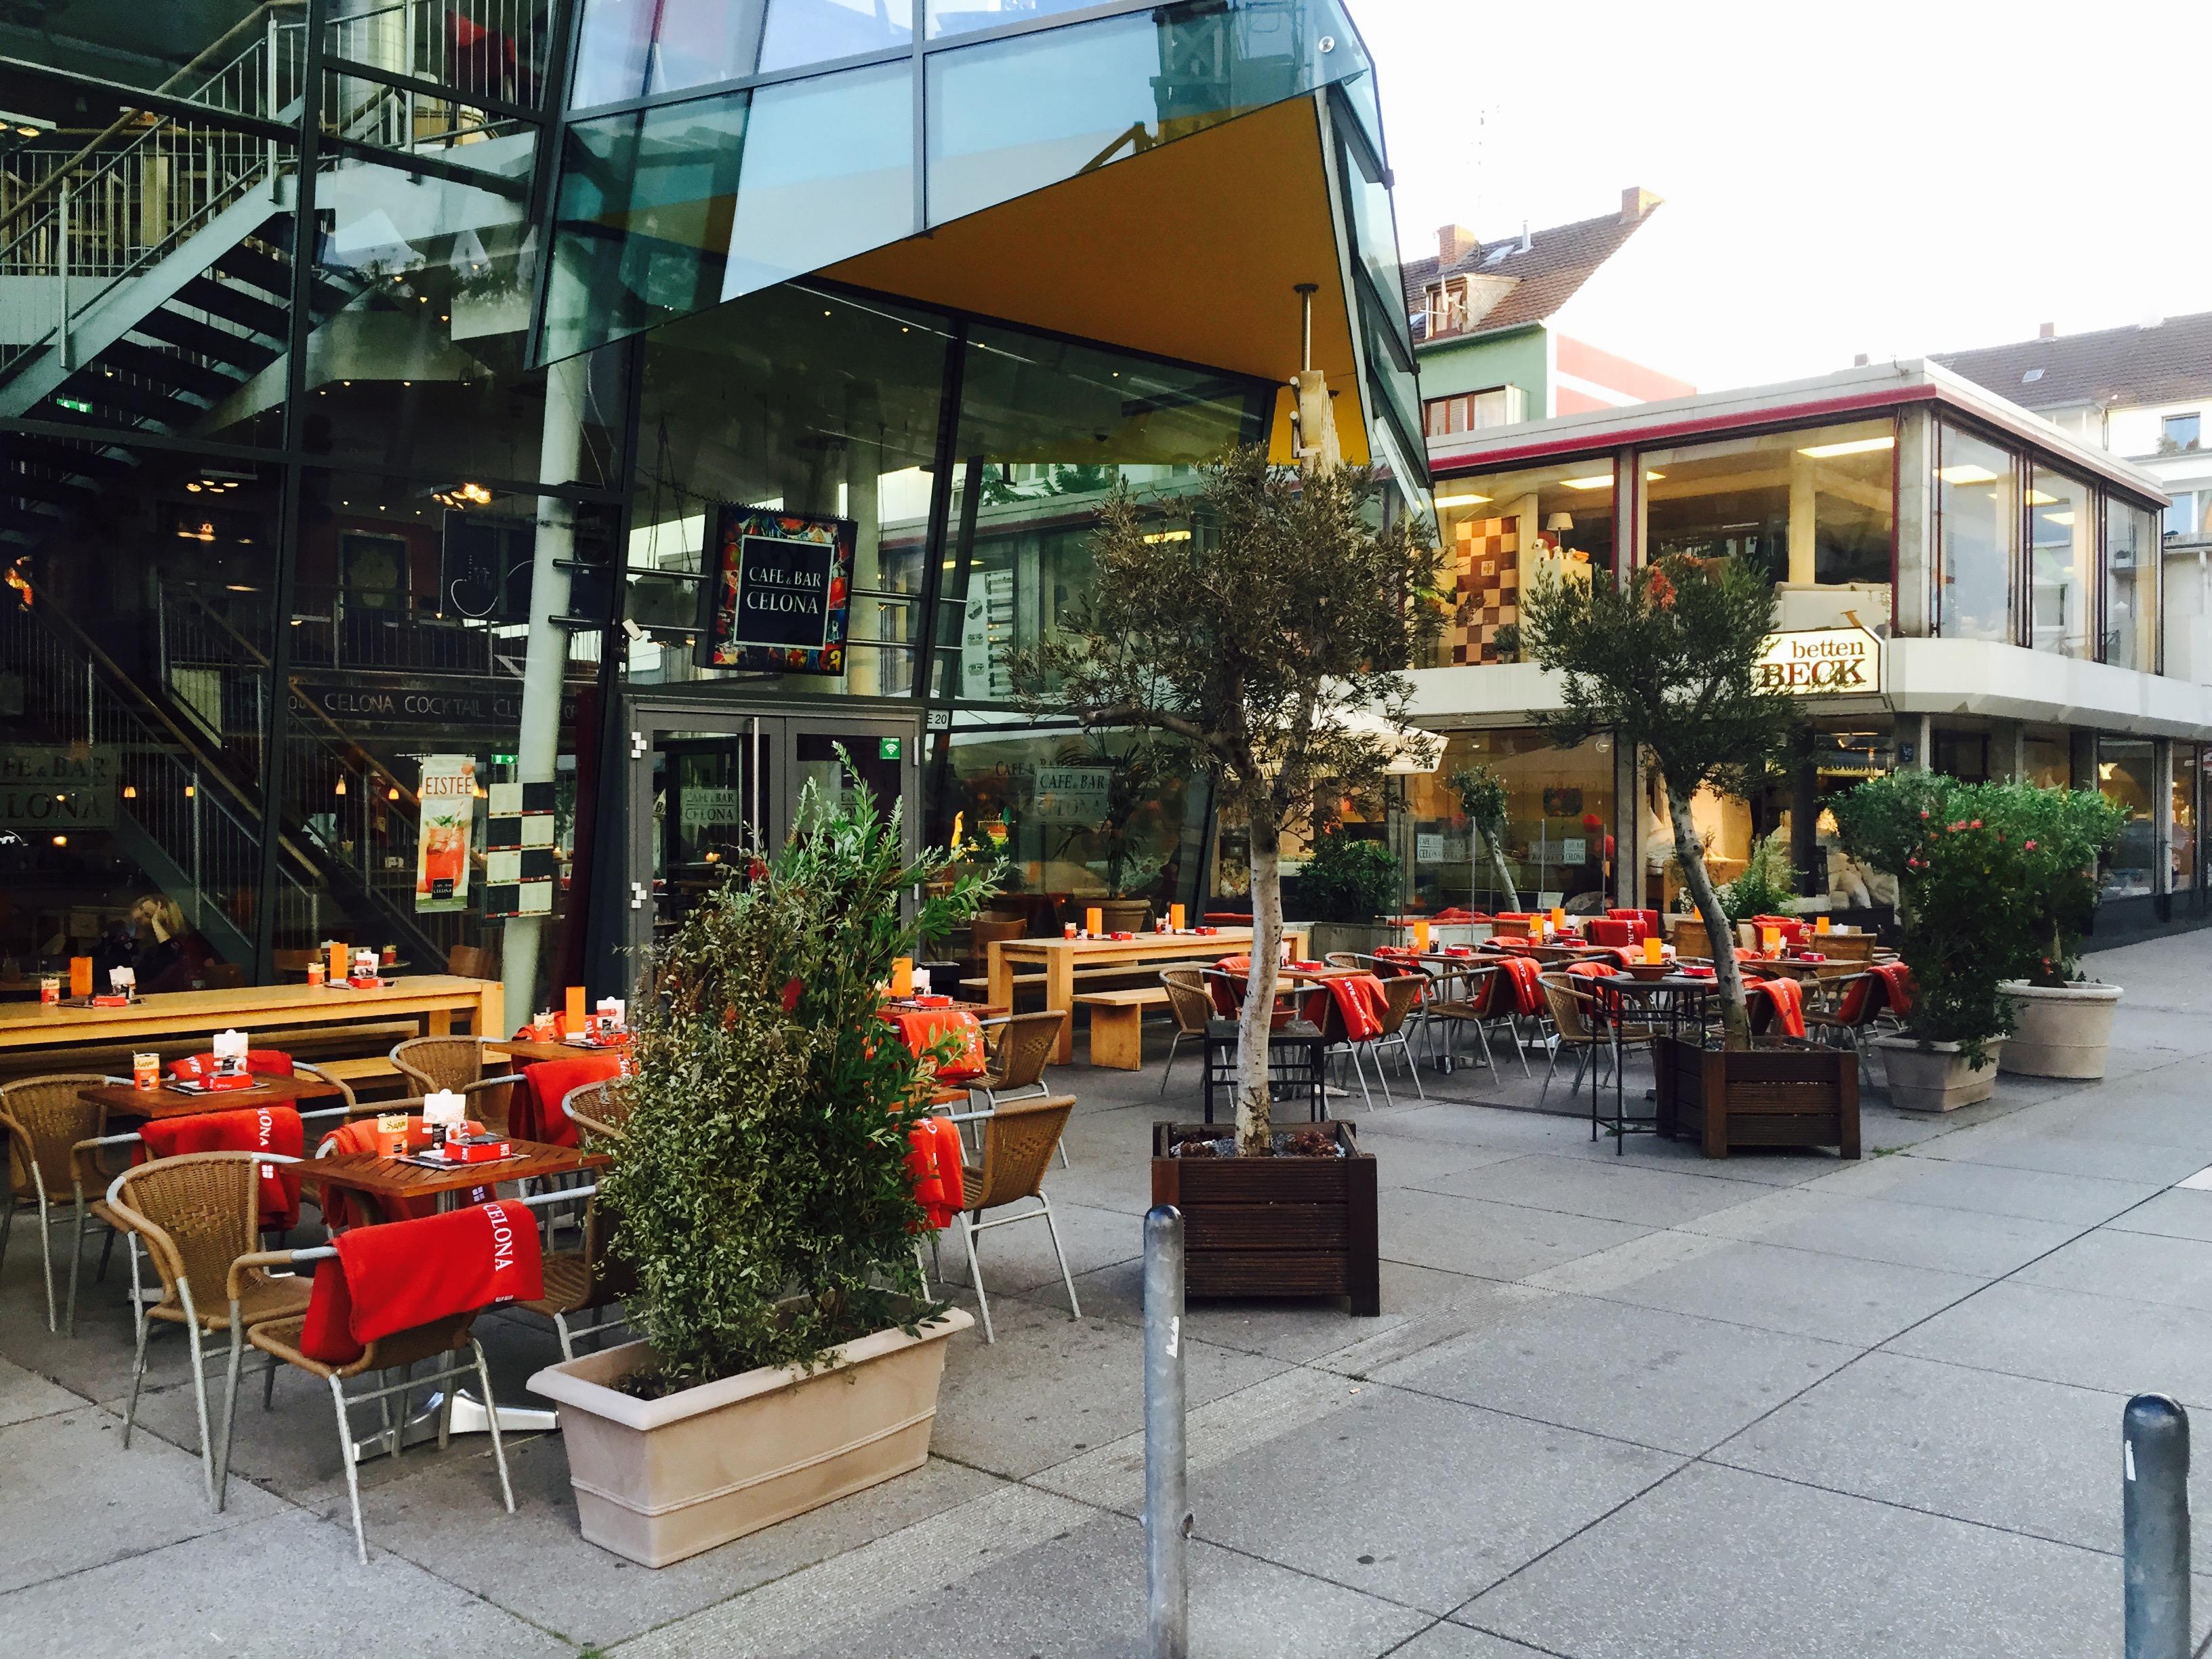 cafe bar celona krefeld cafe bar celona. Black Bedroom Furniture Sets. Home Design Ideas